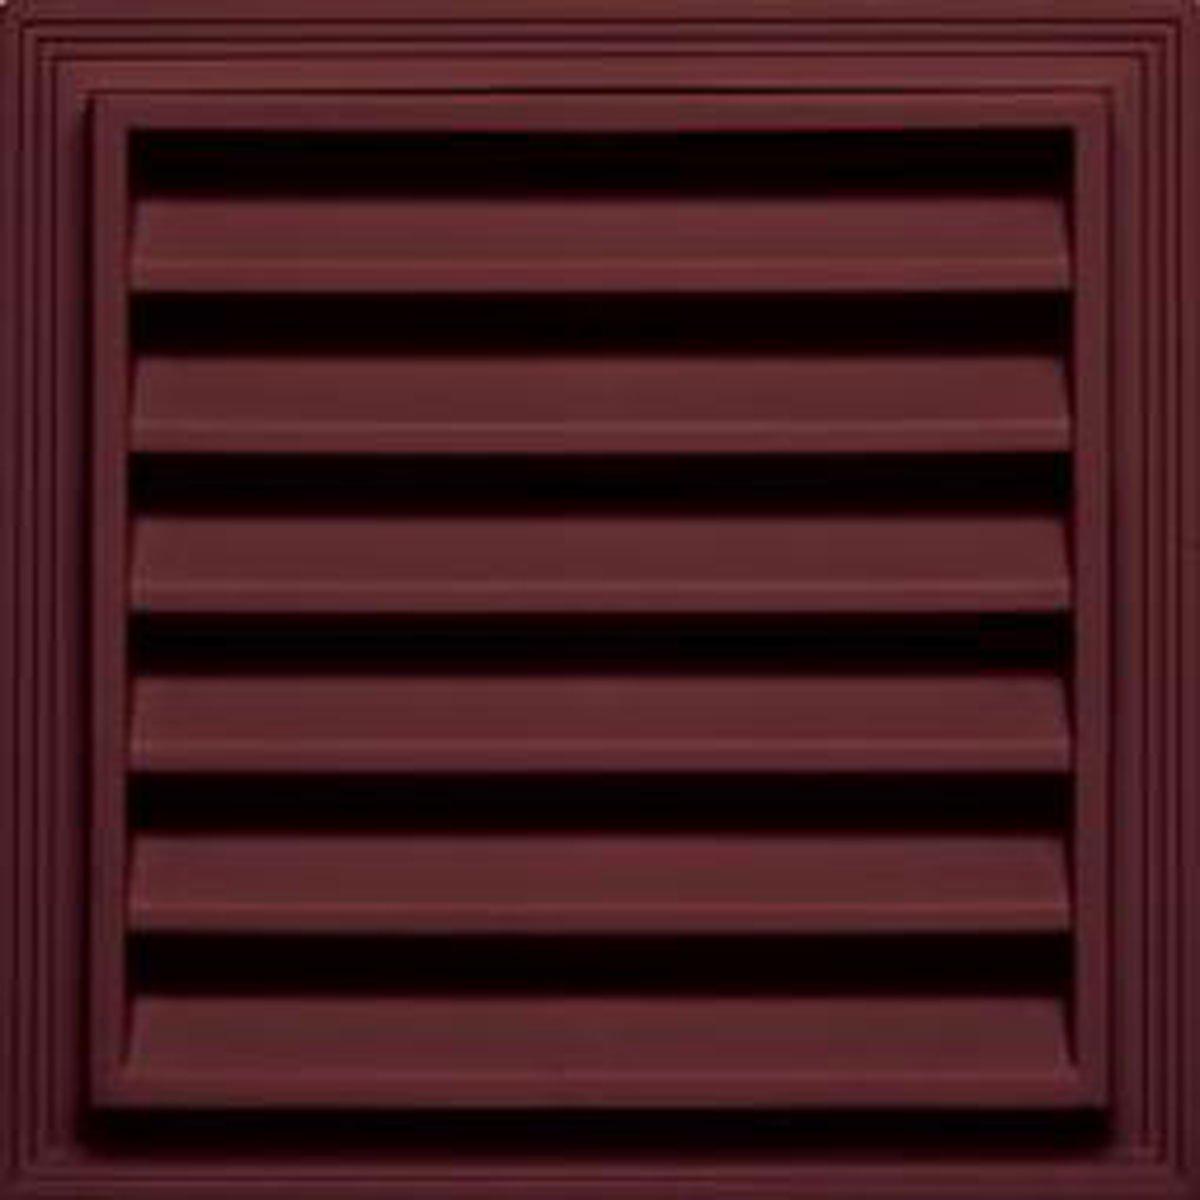 002 Inch Vent Area Black 38 Sq 12W x 12H Square Gable Vent Louver